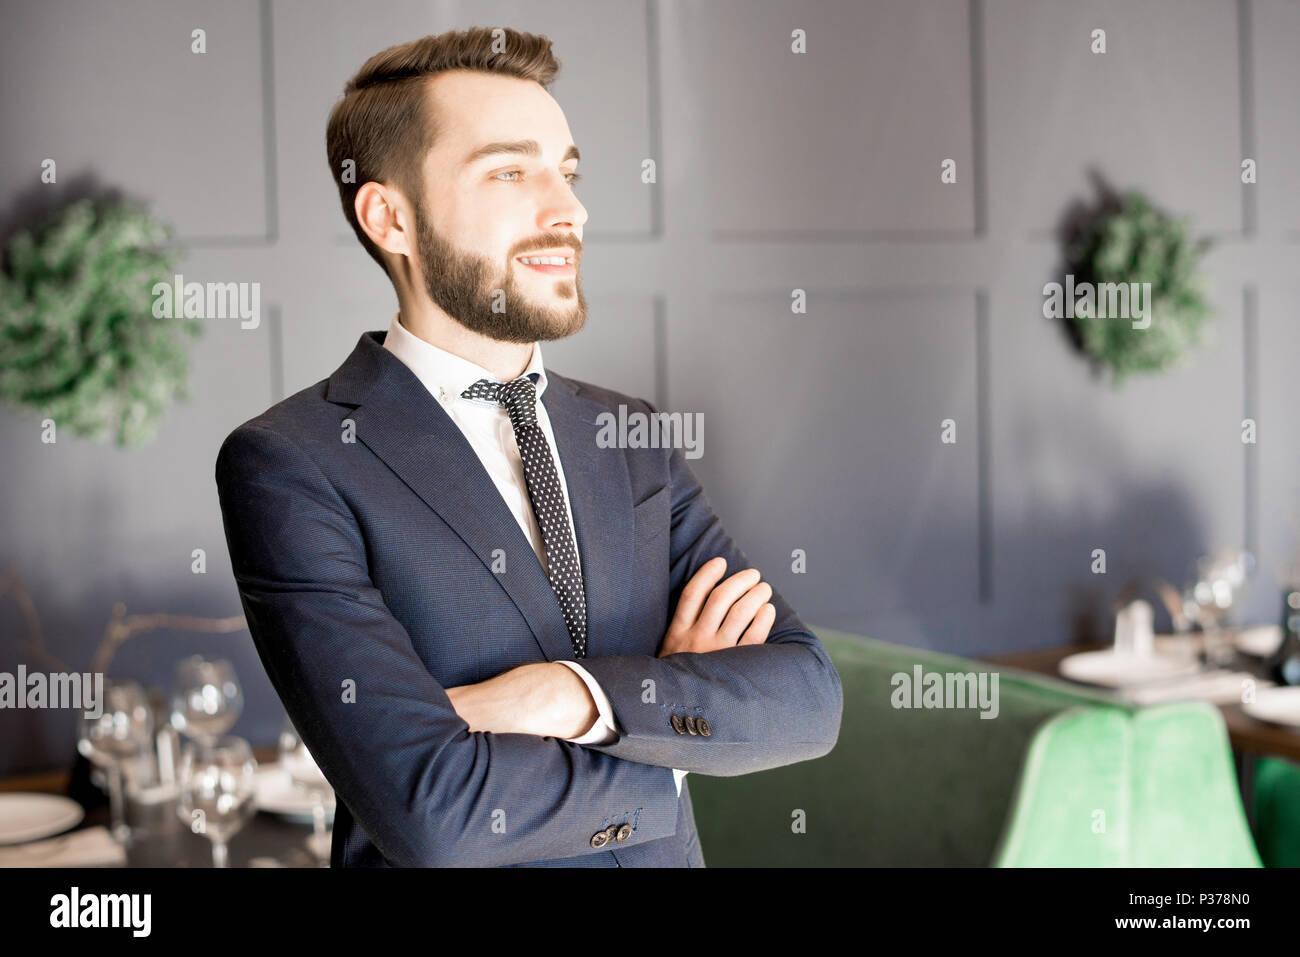 Allegro ambizioso proprietario del ristorante Immagini Stock